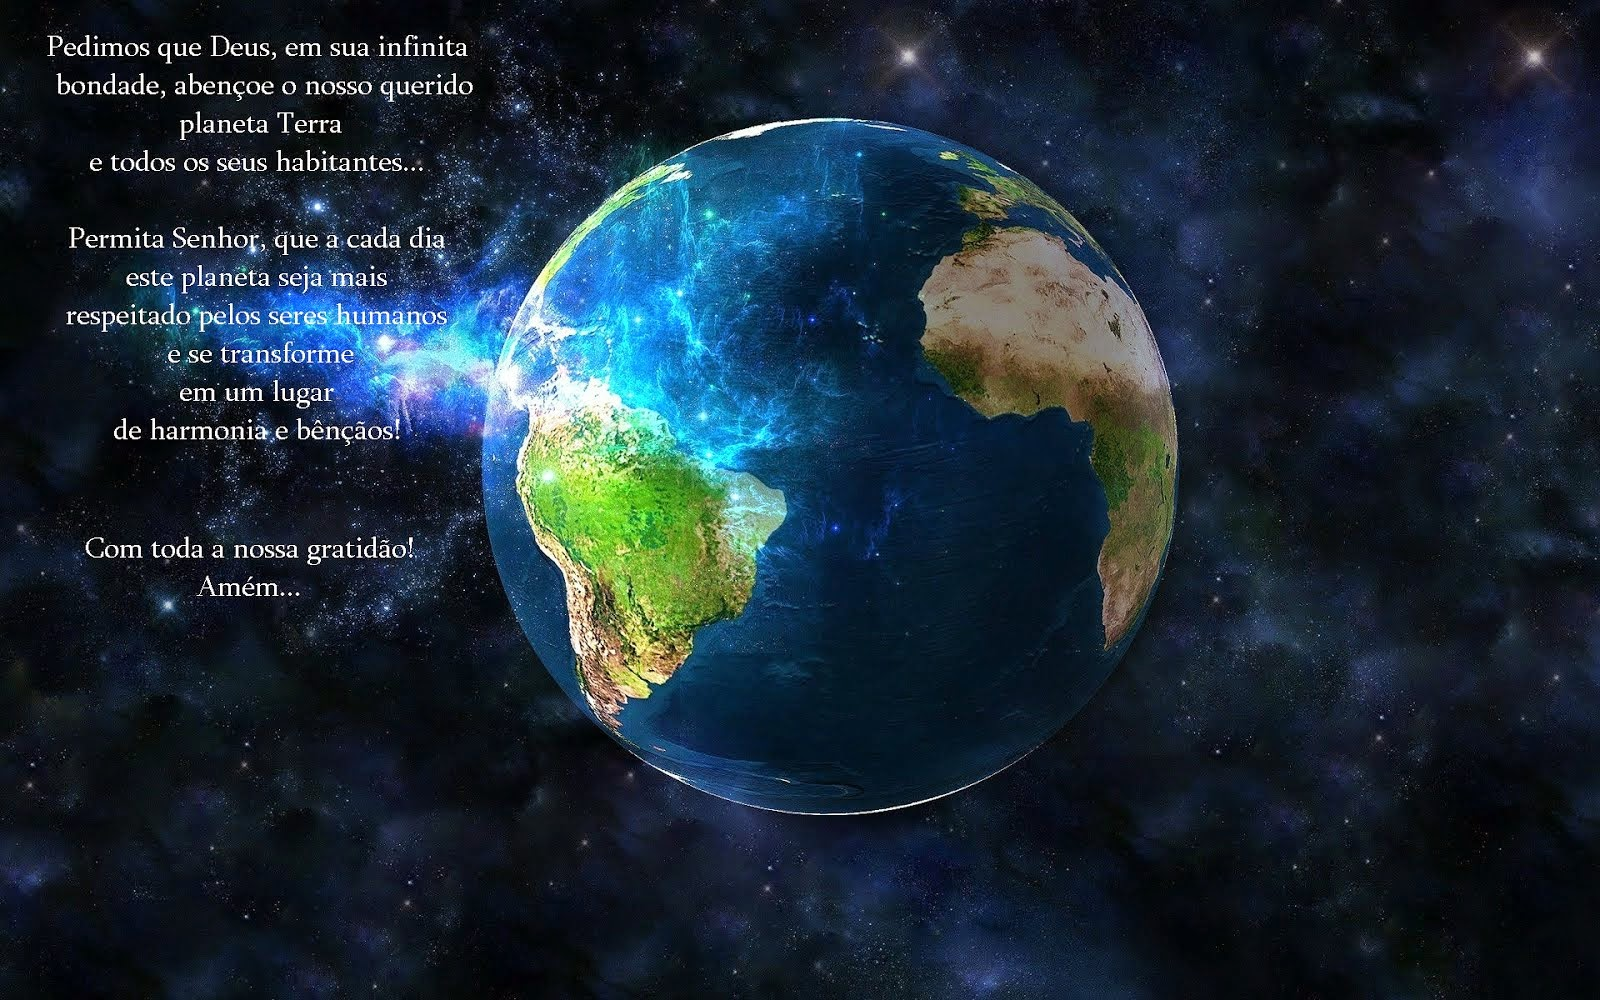 Que o Senhor nos ilumine para que cuidemos com amor de nosso planeta Terra...!